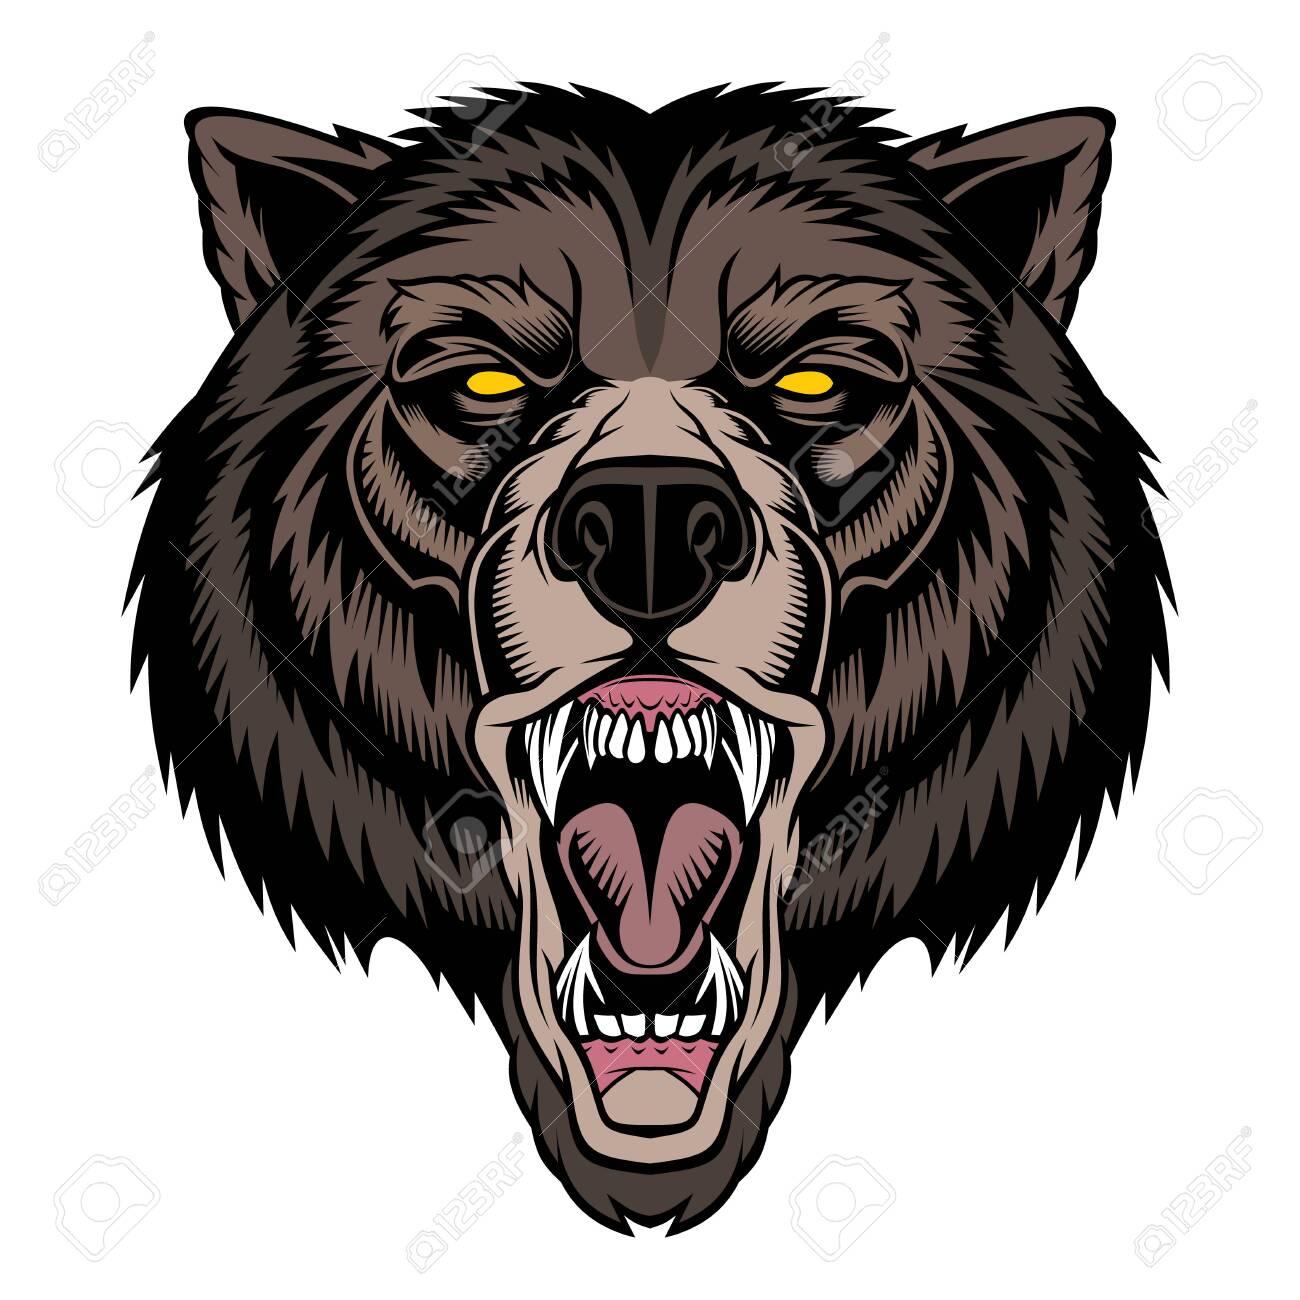 Roaring bear head mascot. - 130422848